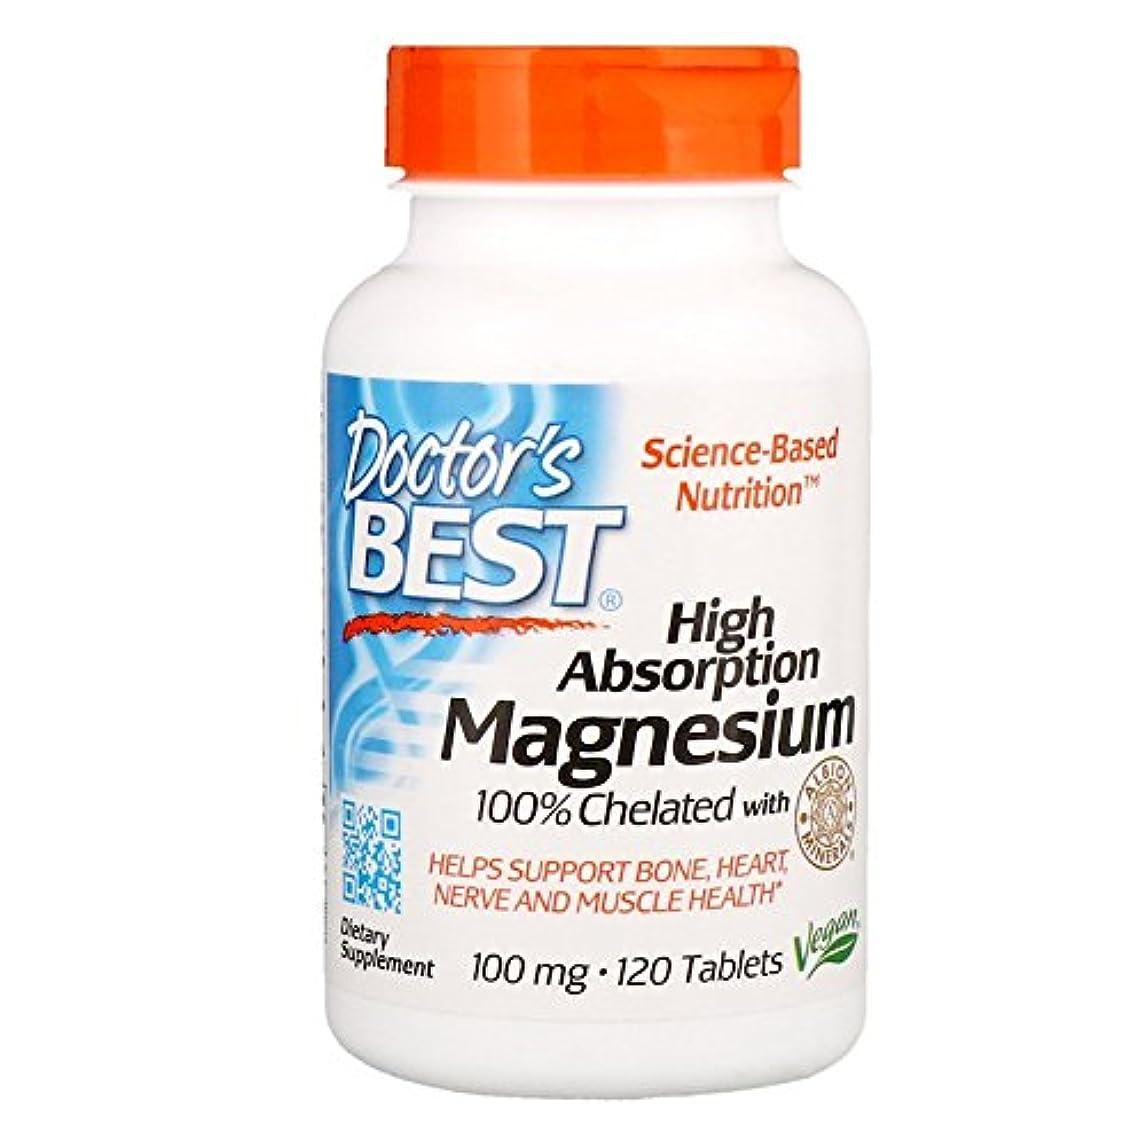 カウンタ折鉛ドクターズベスト(Doctor's Best) 高吸収性マグネシウム 120錠 [並行輸入品]